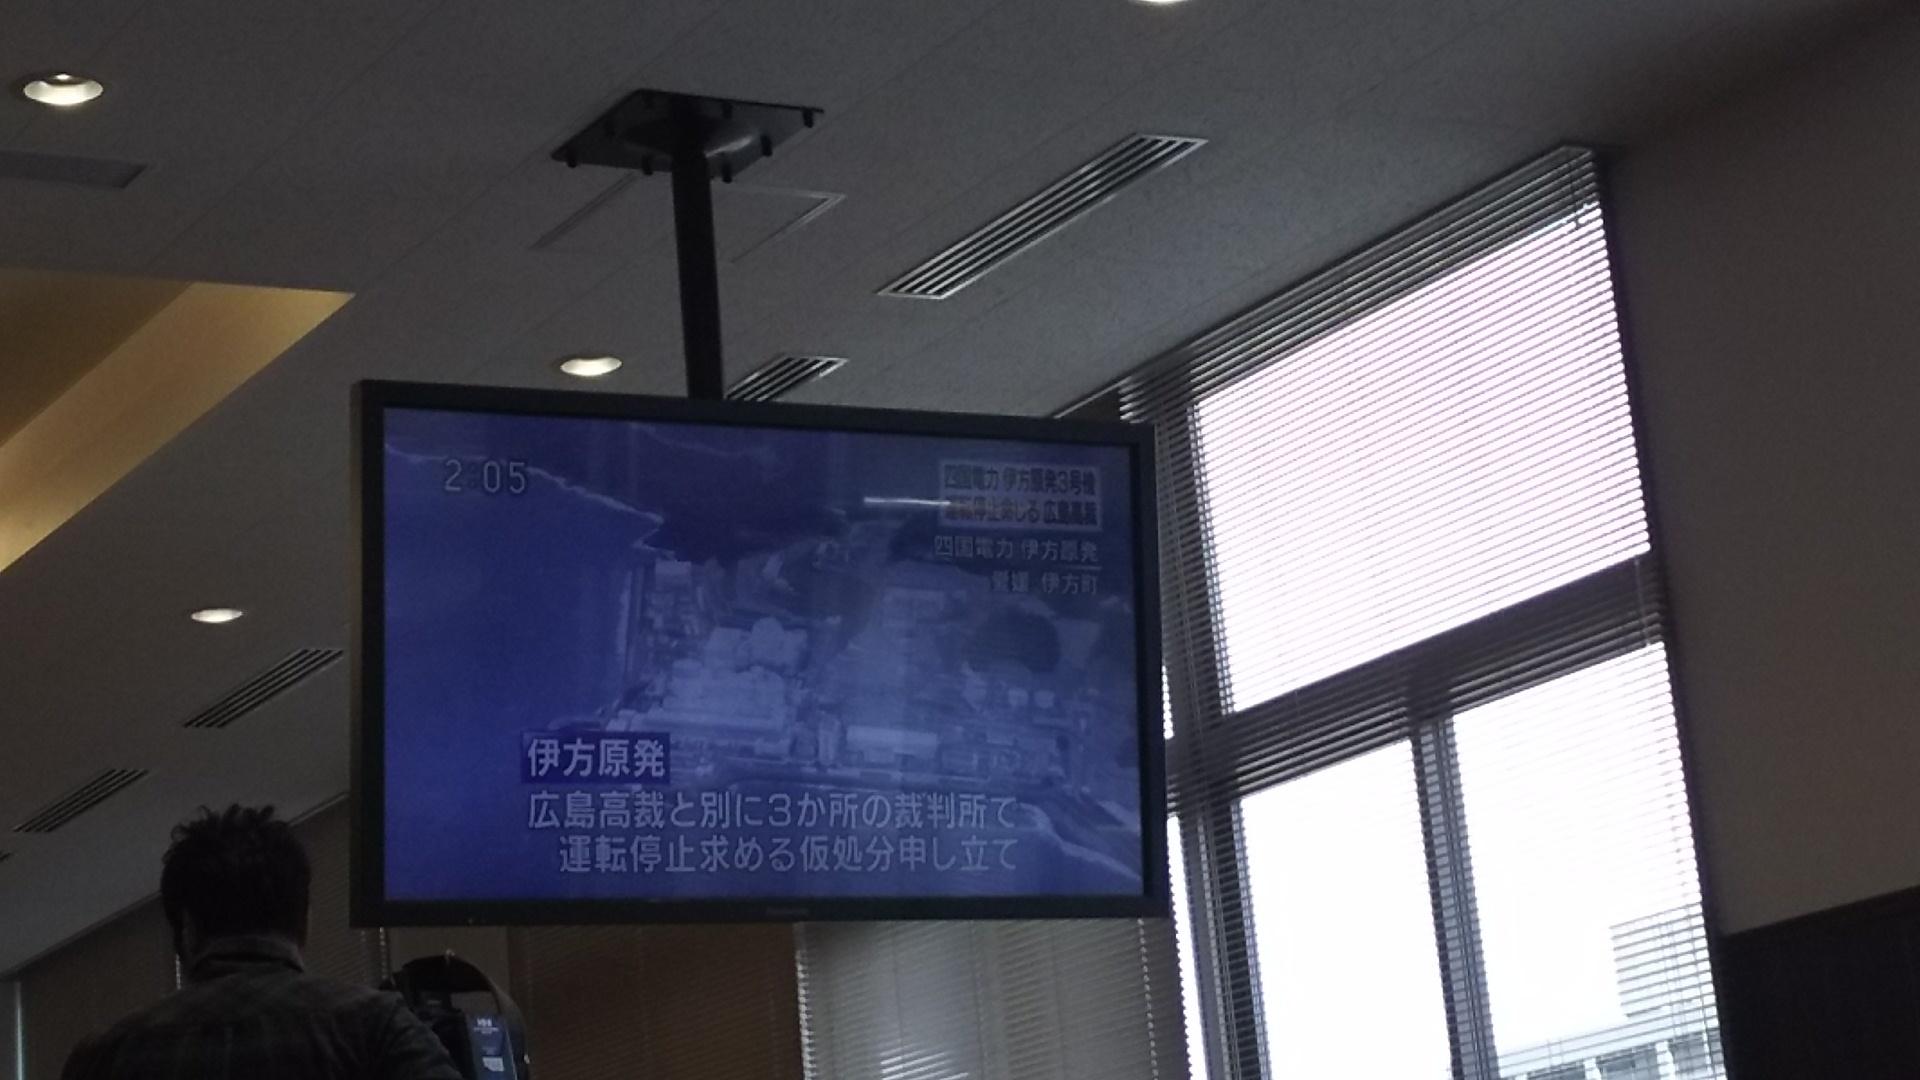 伊方原発3号機差し止めを命令!広島高裁_e0094315_14054563.jpg